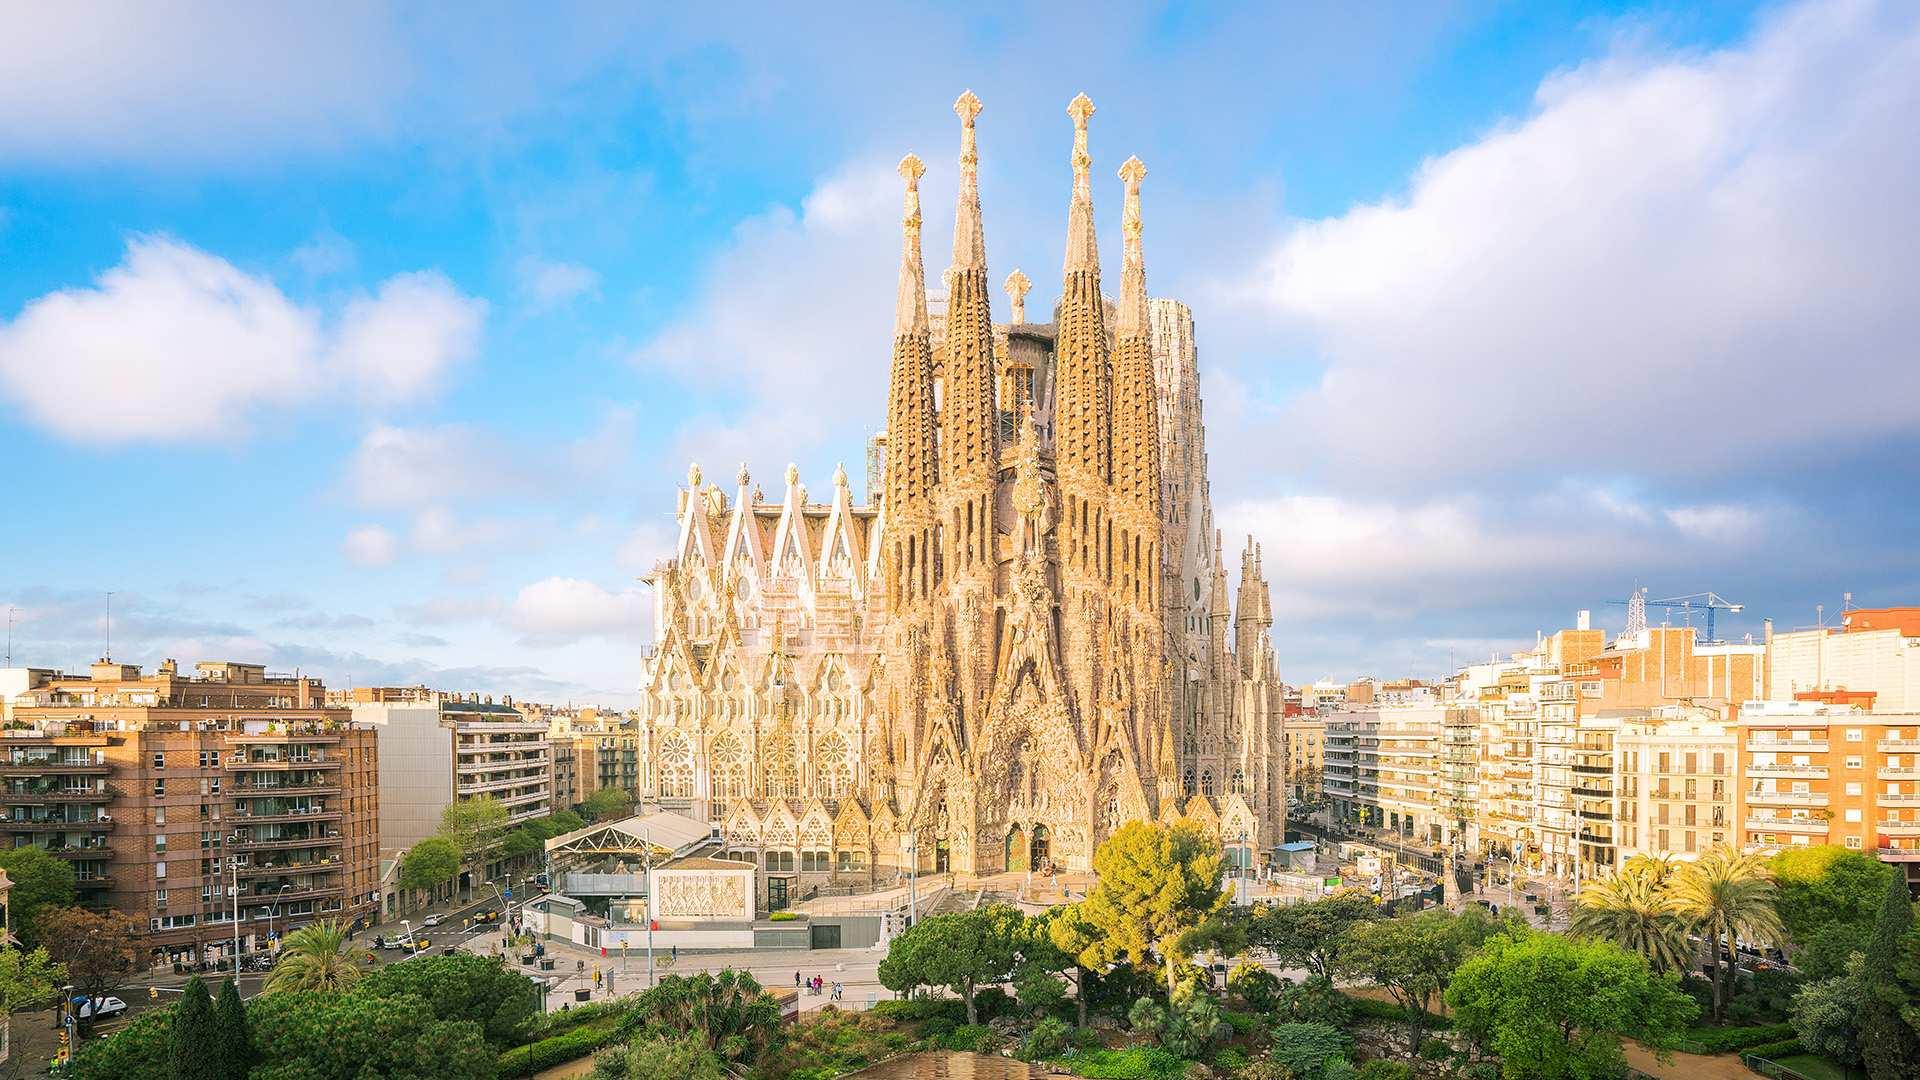 【世界遺産】サグラダ・ファミリア優先入場+英語ガイドツアー:塔入場選択可